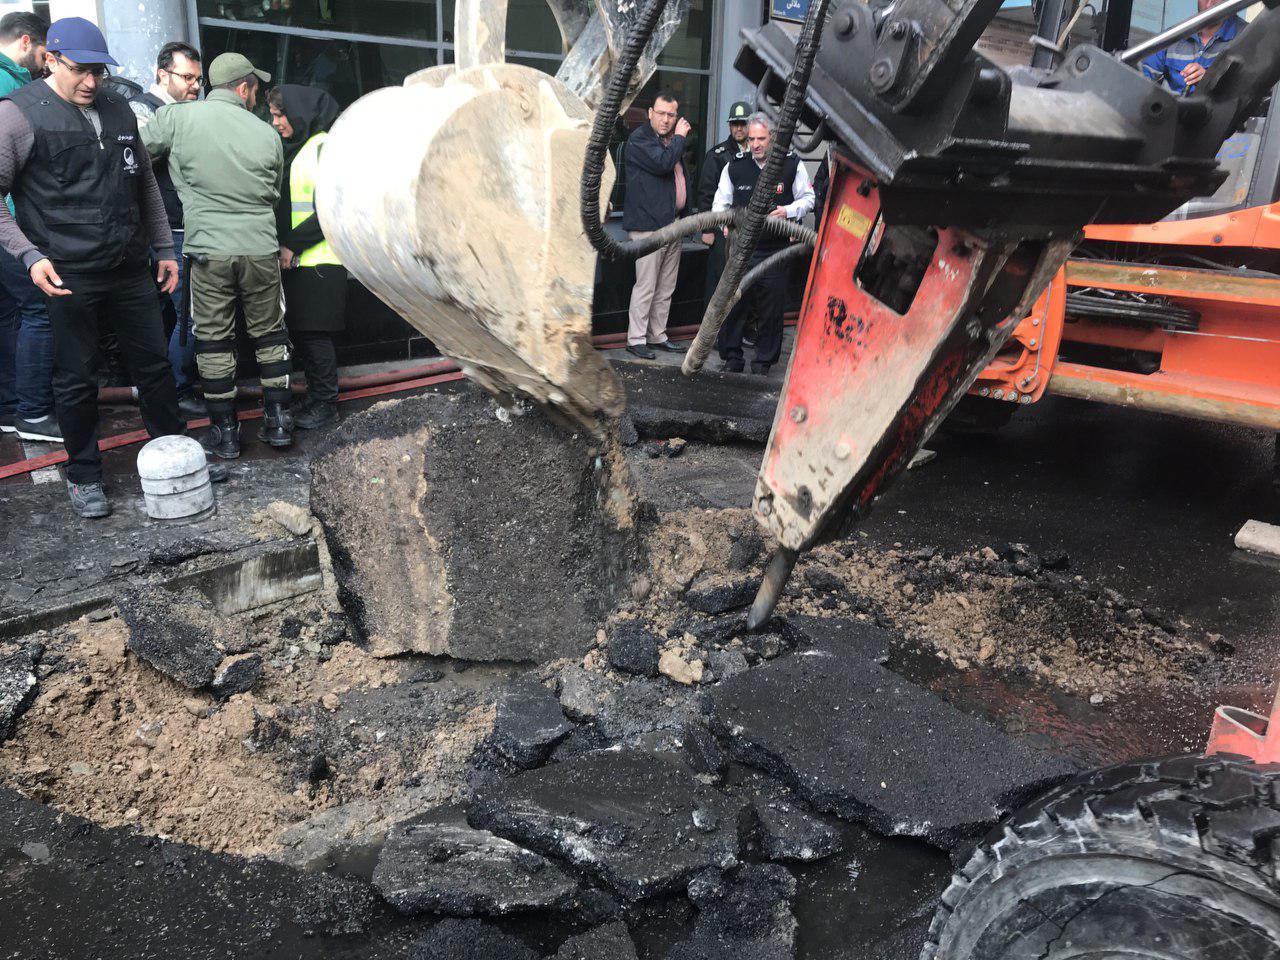 آتش سوزی در ساختمان وزارت نیرو ادامه دارد/ احتمال تکرار فاجعه پلاسکو/ تخلیه ساختمانهای اطراف + فیلم